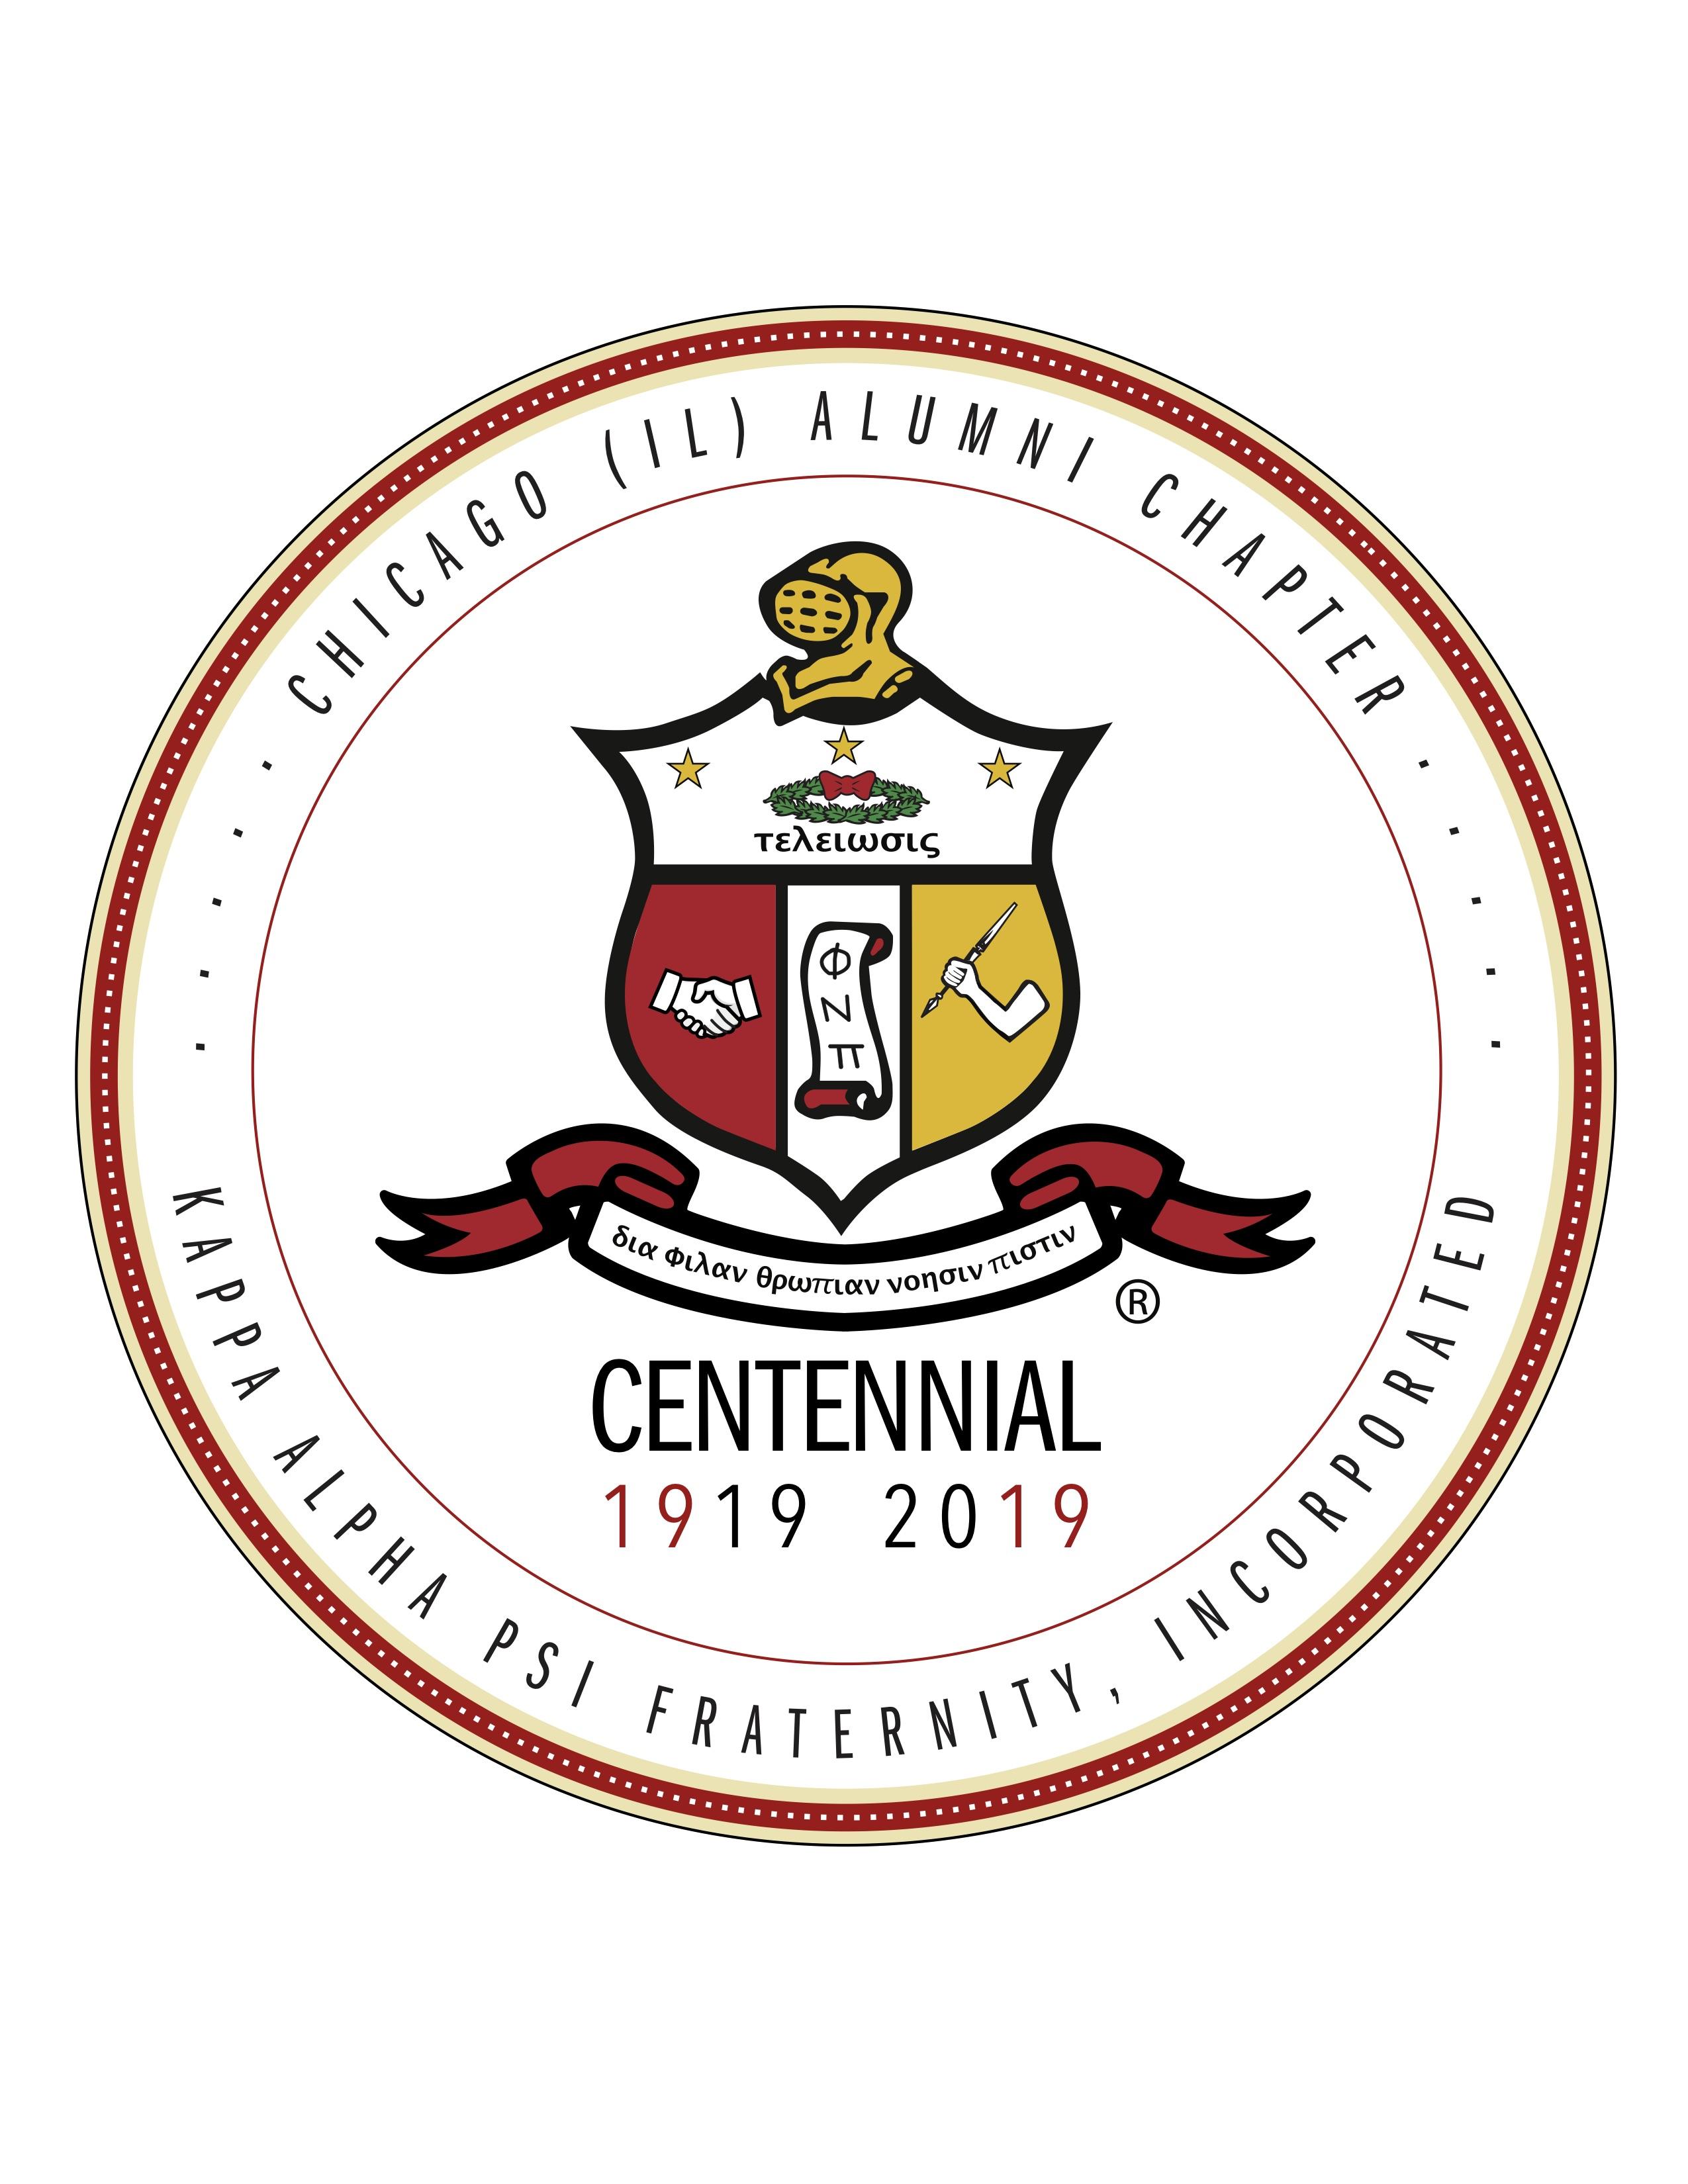 FJ Polo CAC Centennial